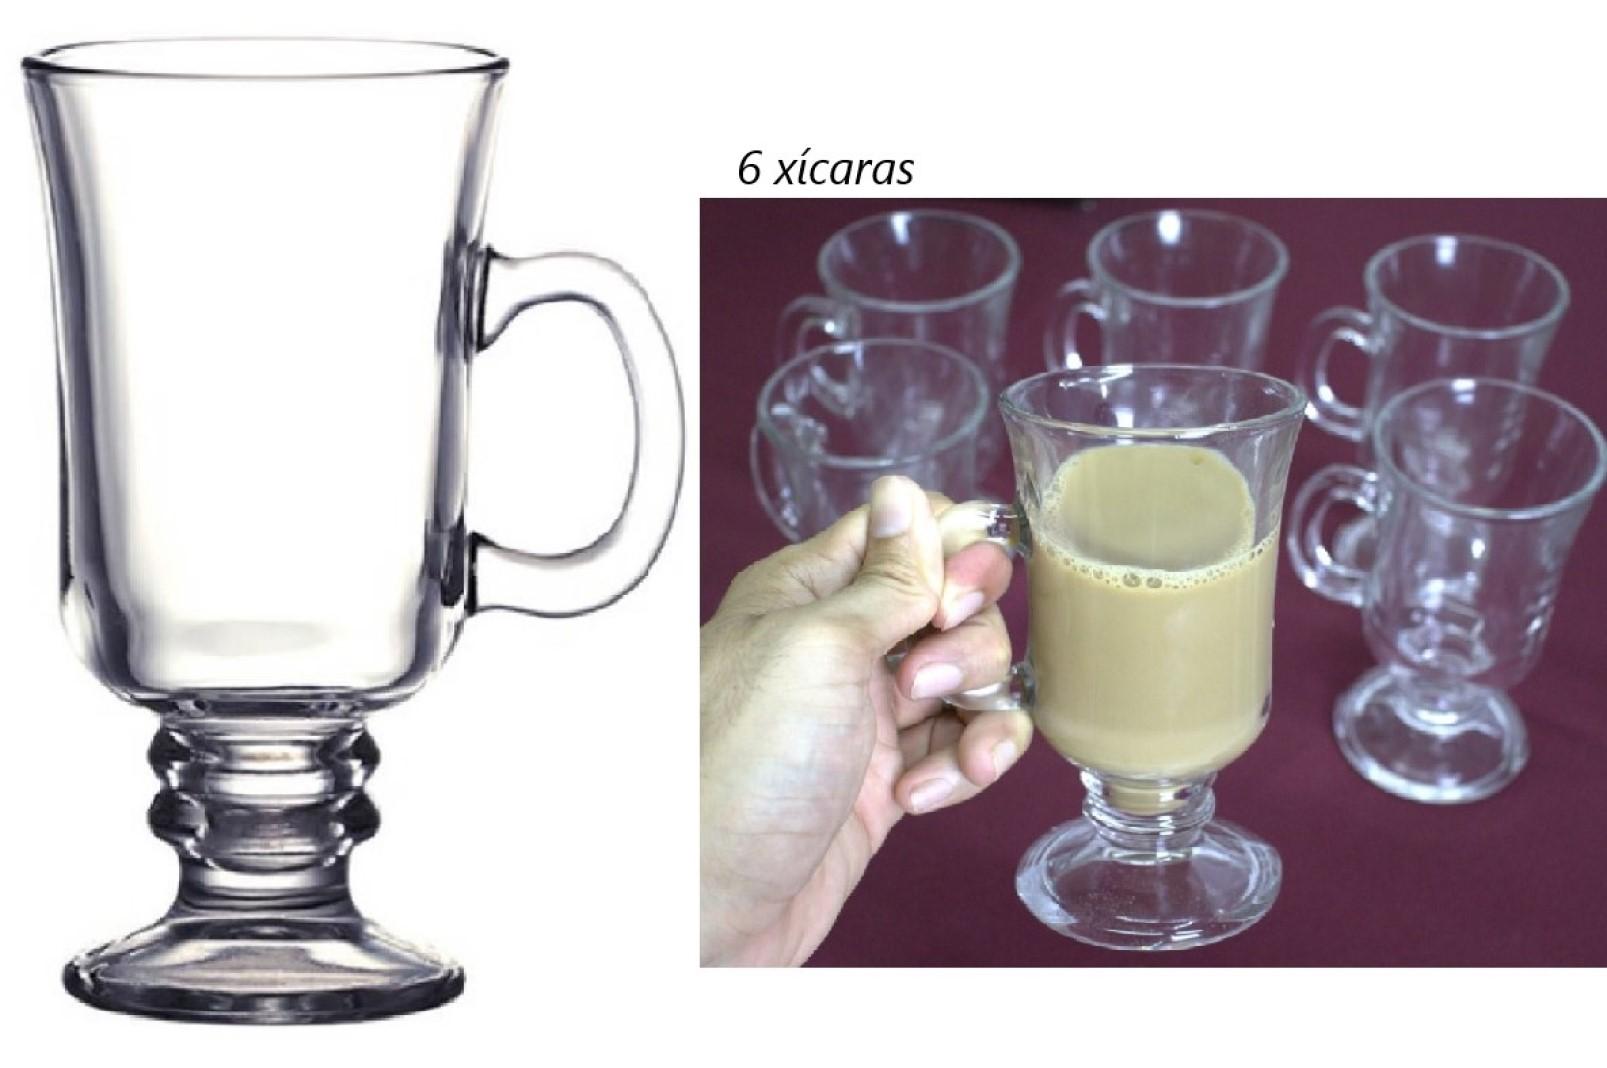 xícara de vidro café 6 unidades 250mL caneca de cafe nespesso dolcegusto